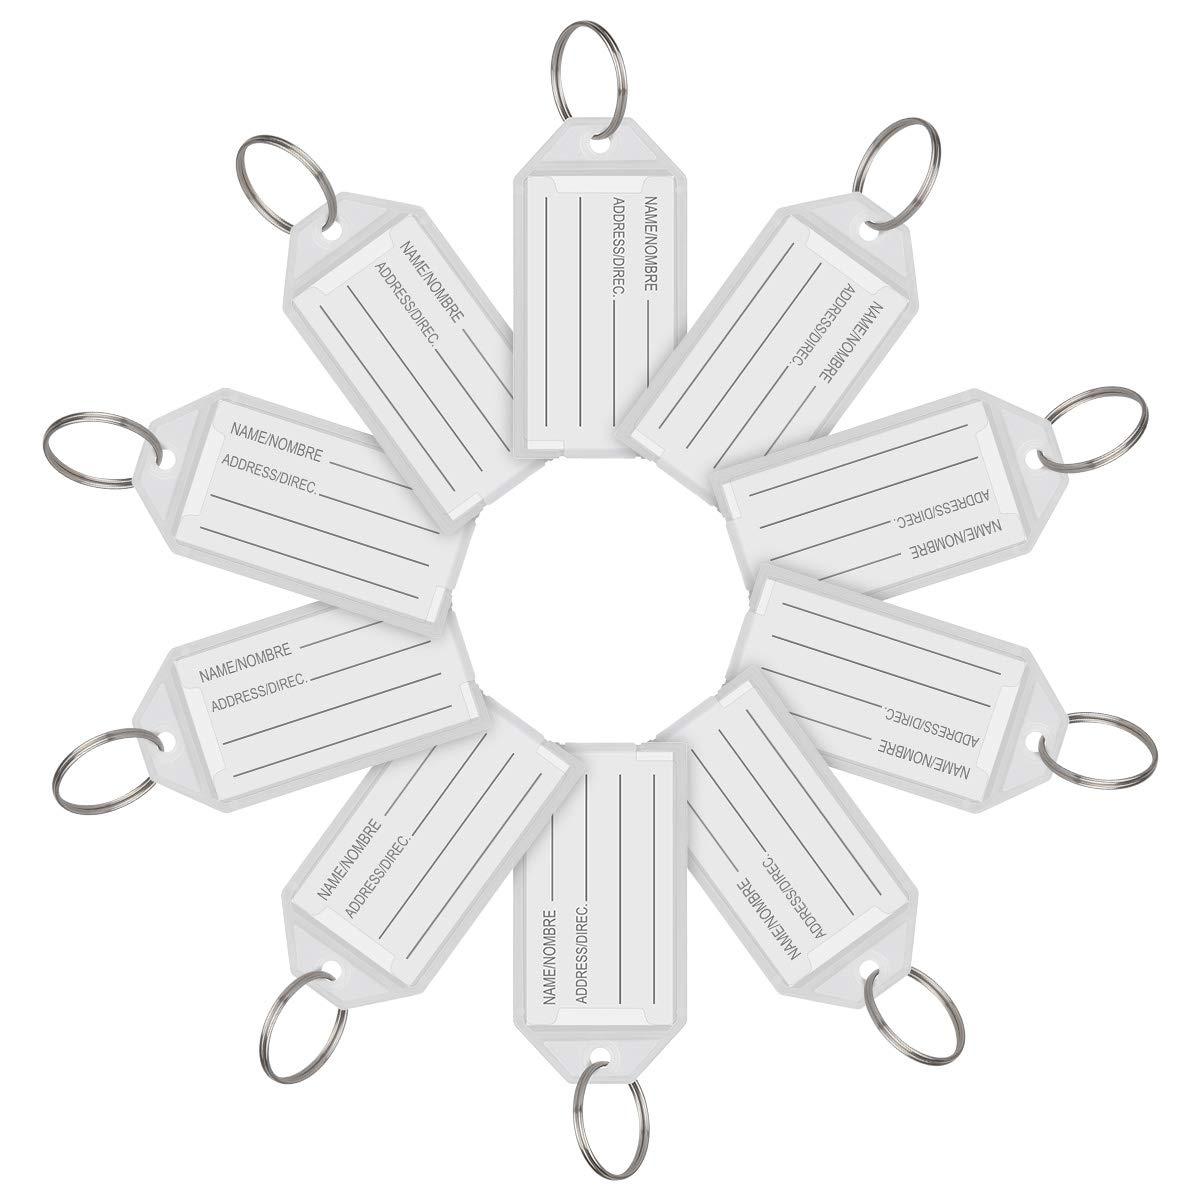 Gep/äckanh/änger Etiketten mit Spaltring Wei/ß Kunststoff Fenster Schl/üsselanh/änger 100 St/ück ID Hotgod Schl/üsselanh/änger